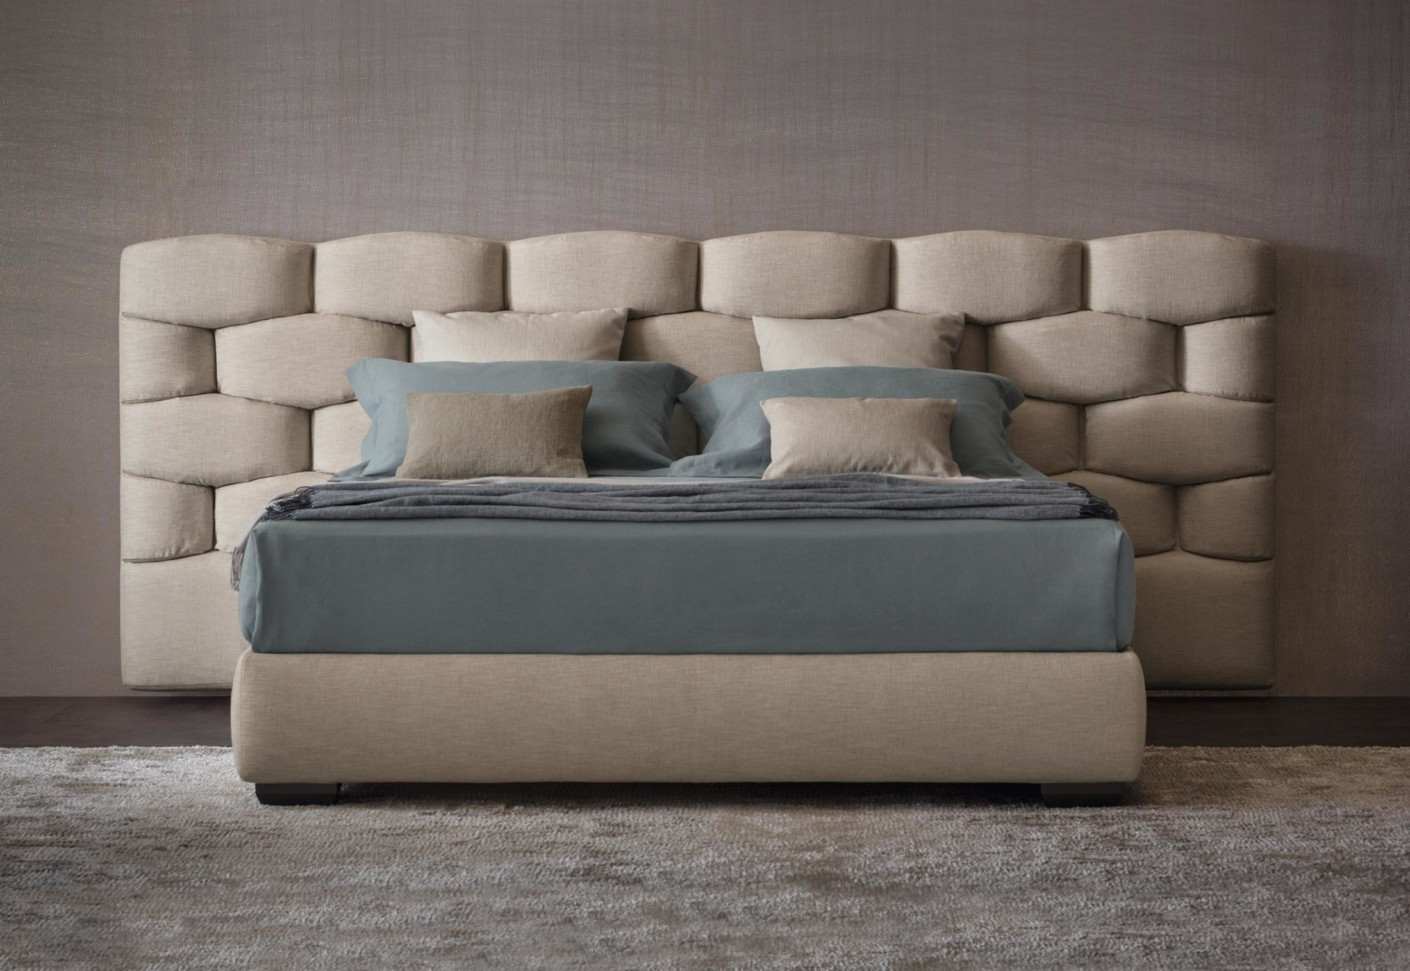 Bed headrest home design for Bed headrest design